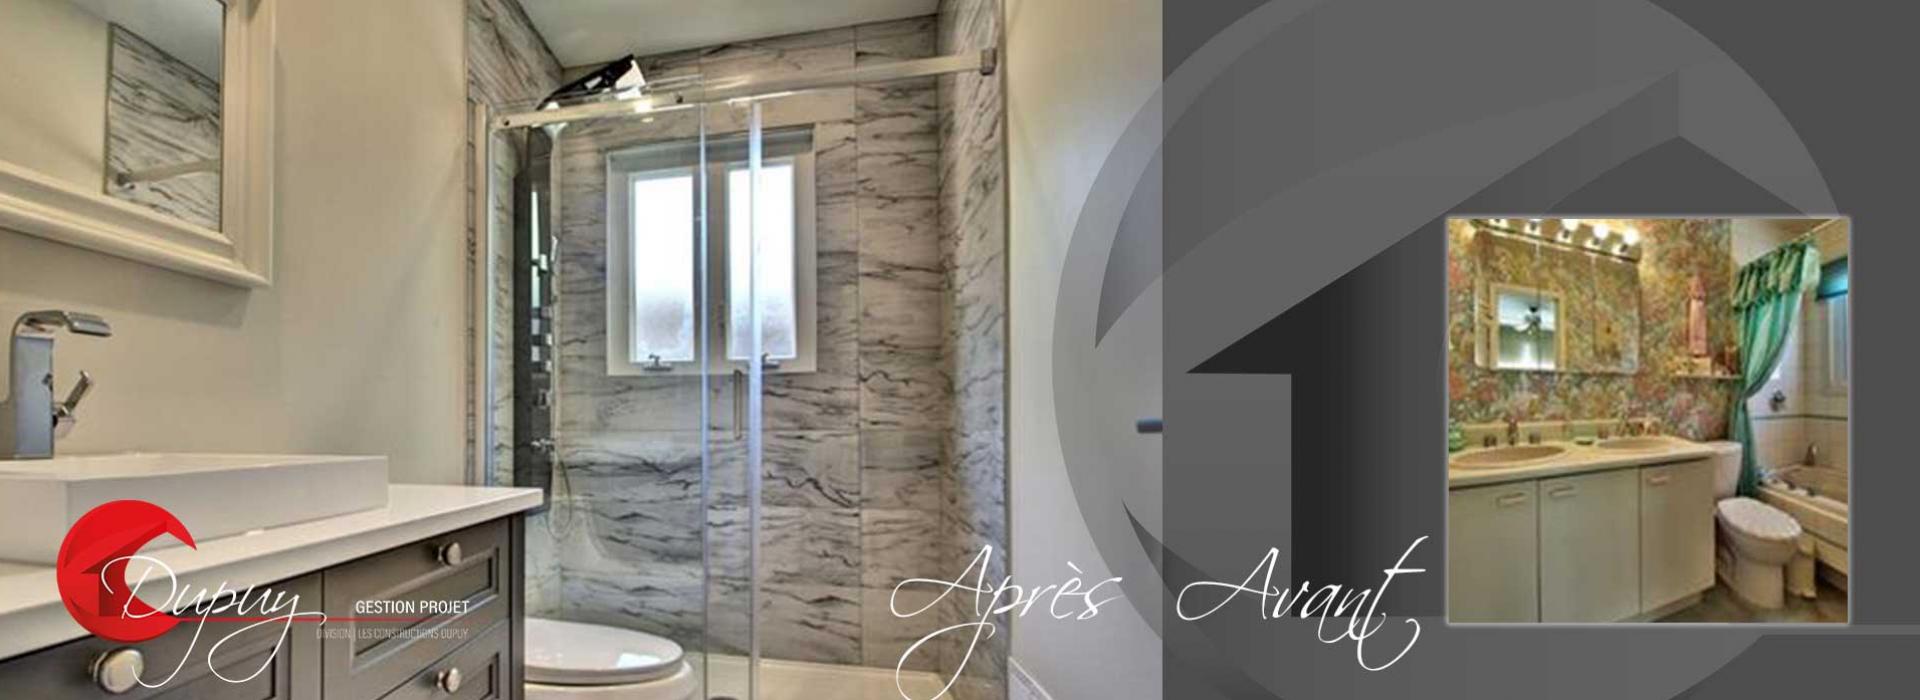 02-salle-de-bain-avant-apres-construction-dupuy-gestion-projet.png